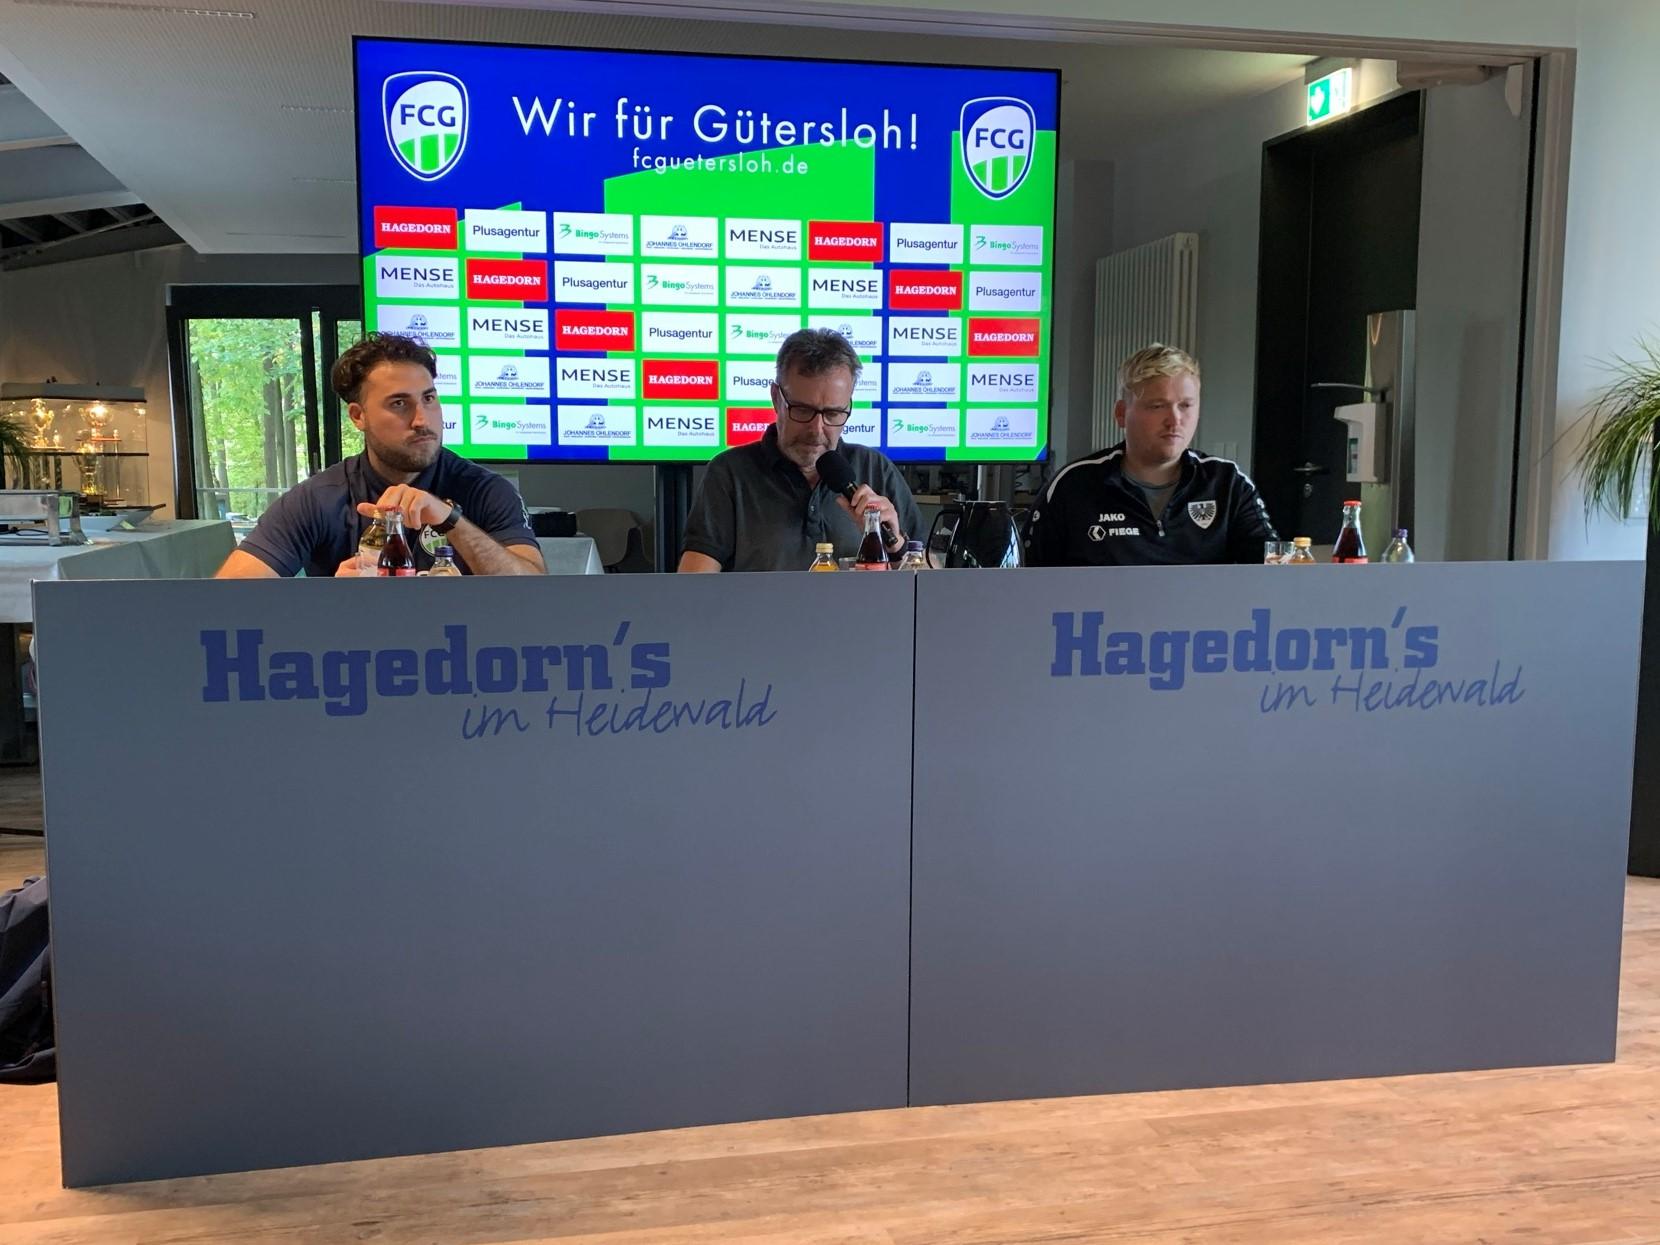 Die Pressekonferenz nach dem Münster Heimspiel des FCG im Video ...